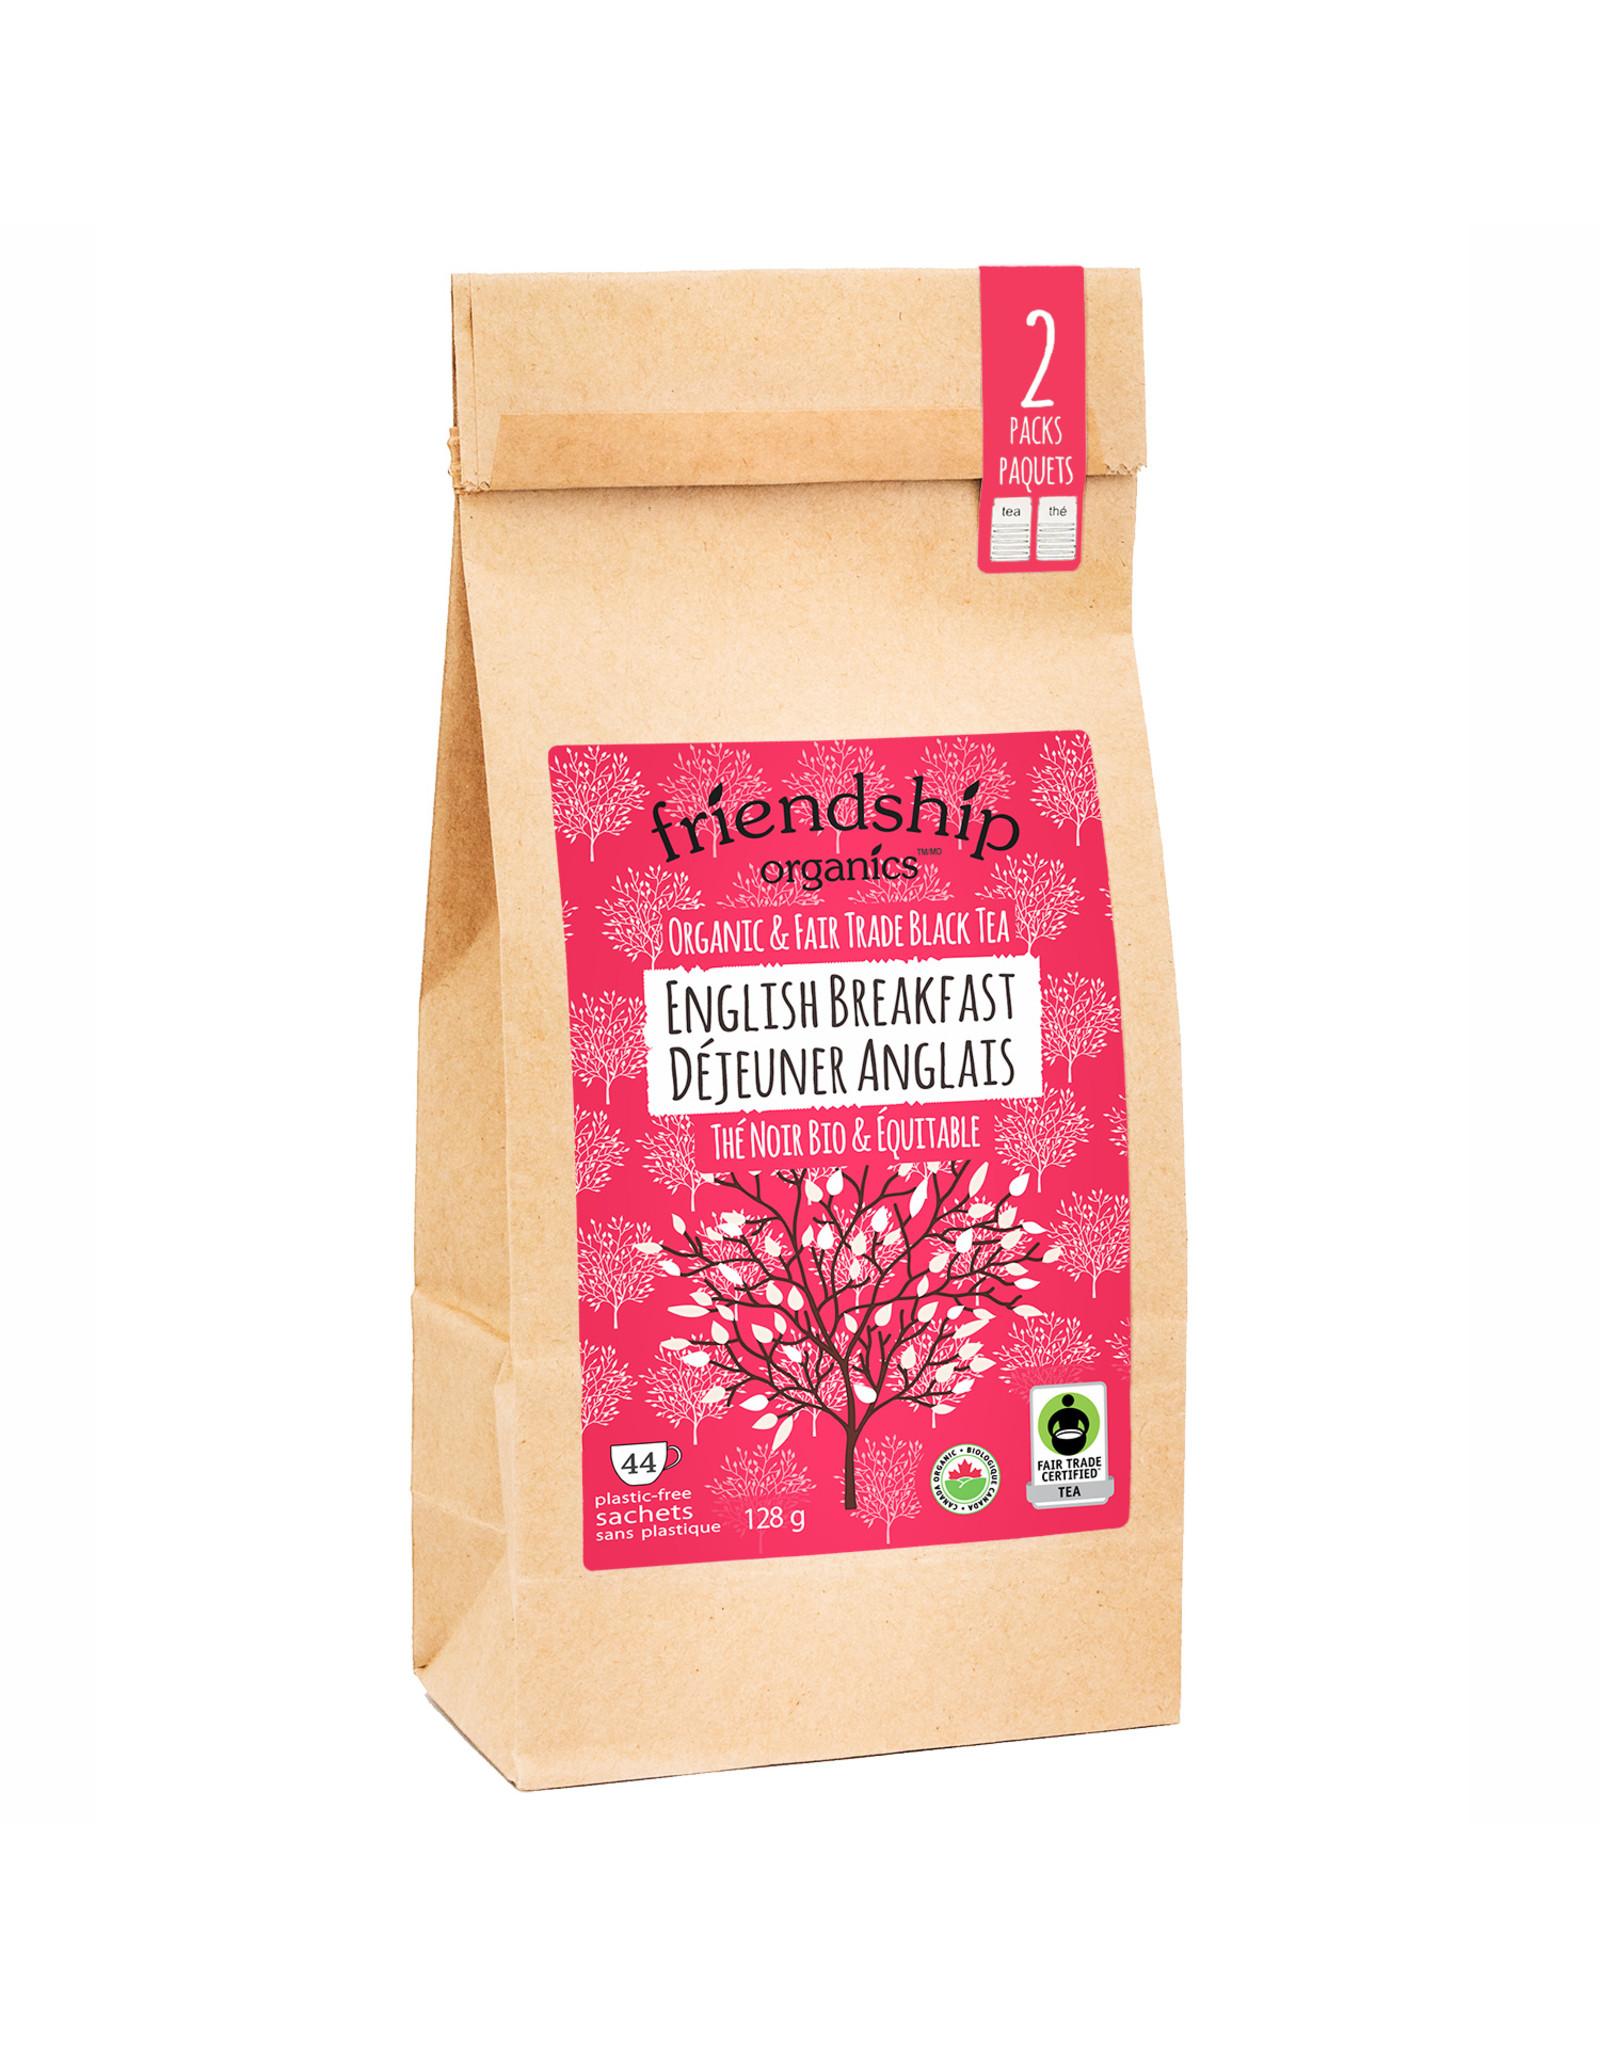 Friendship Organics Friendship Organics English Breakfast Black Tea Twin Pack